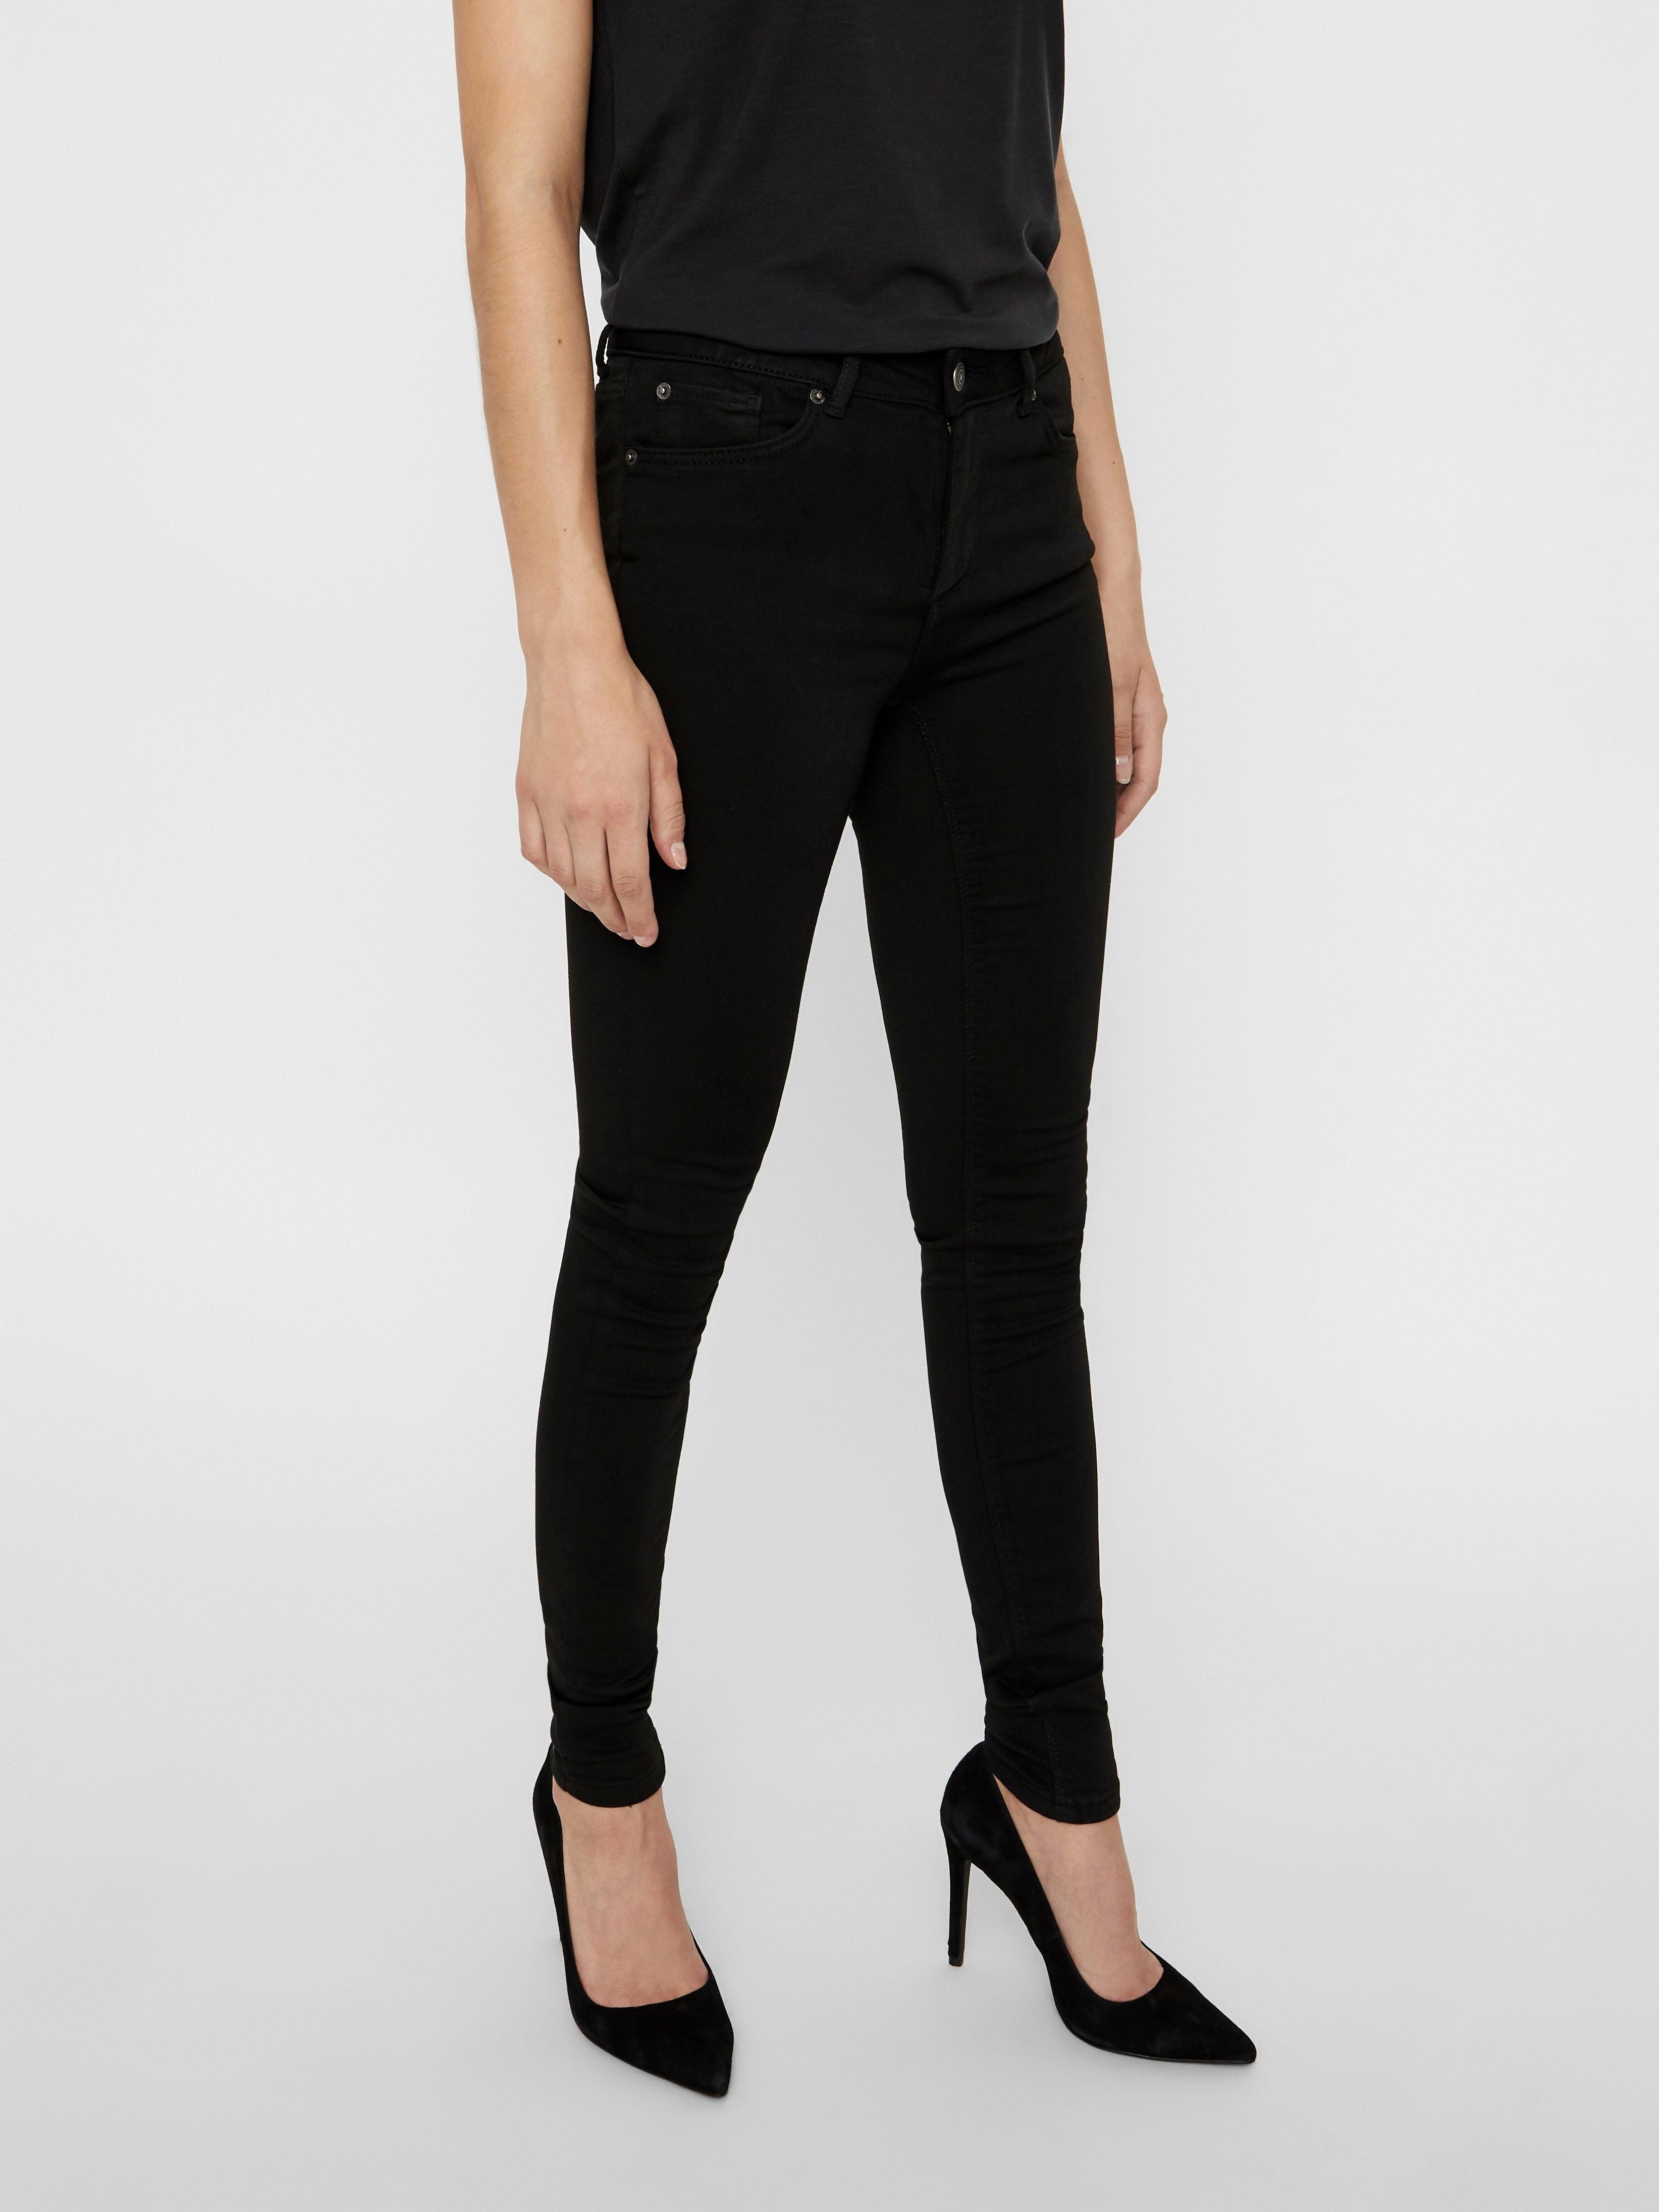 Op zoek naar een VERO MODA skinny fit jeans »LUX«? Koop online bij OTTO